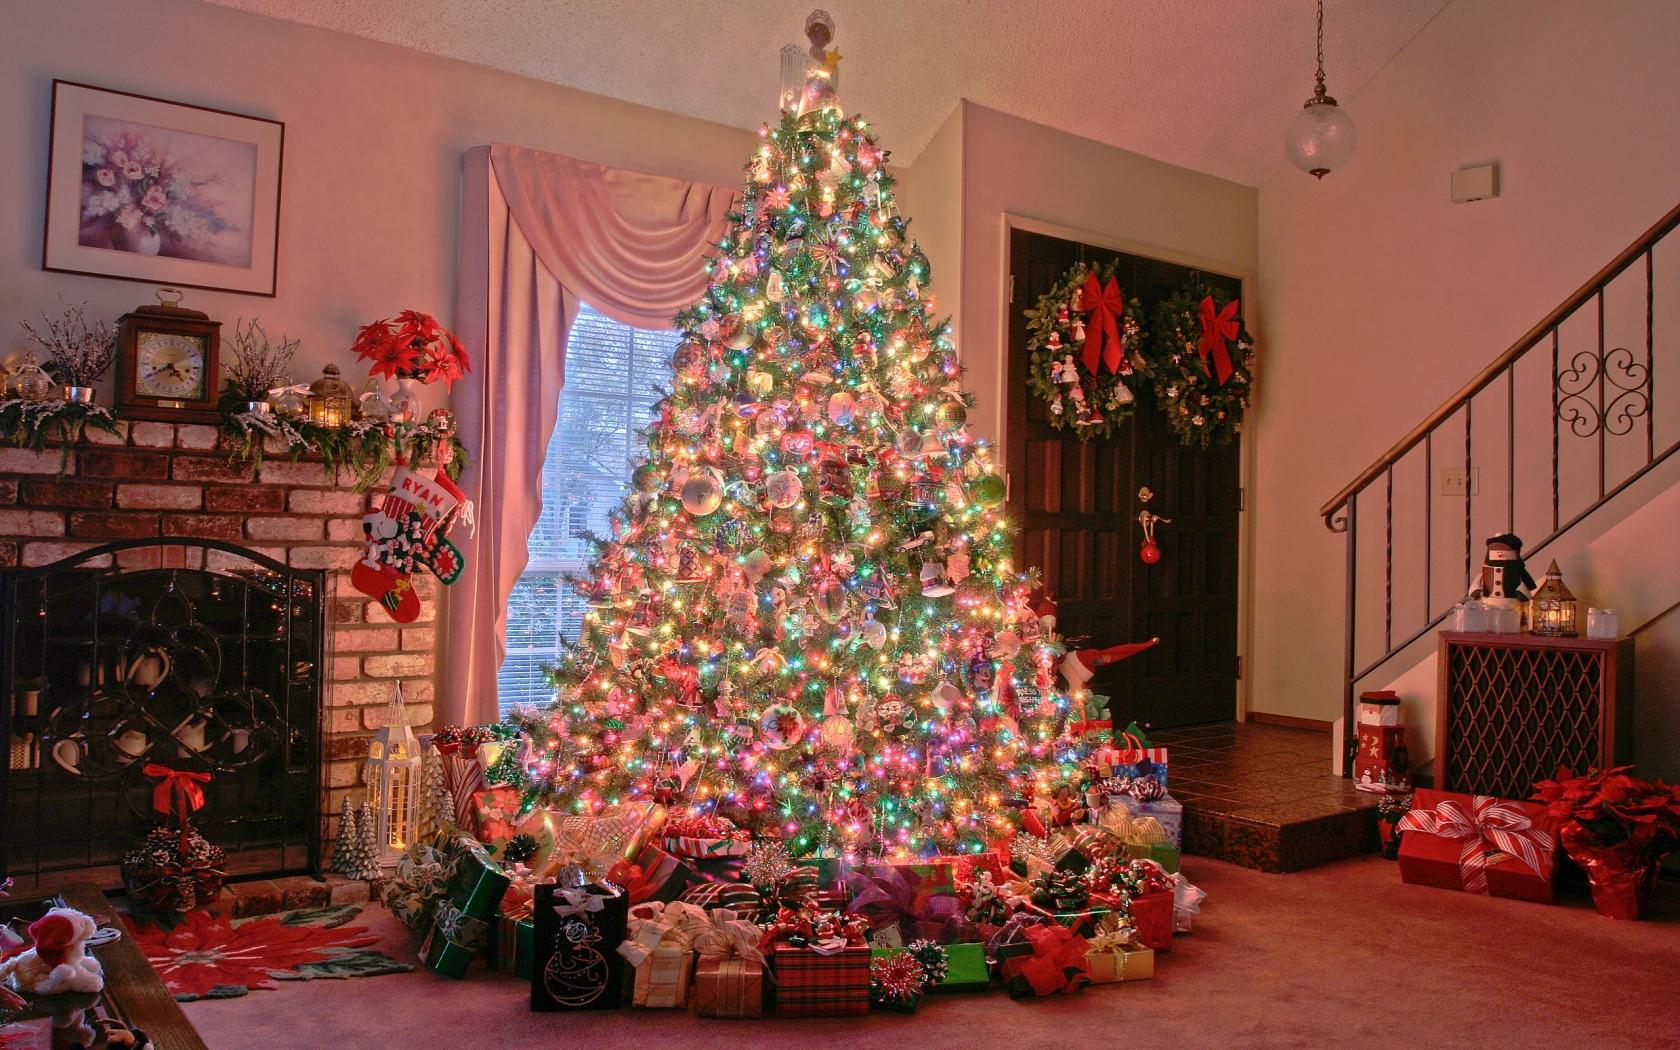 Como decorar arbol de navidad en casa - 1680x1050